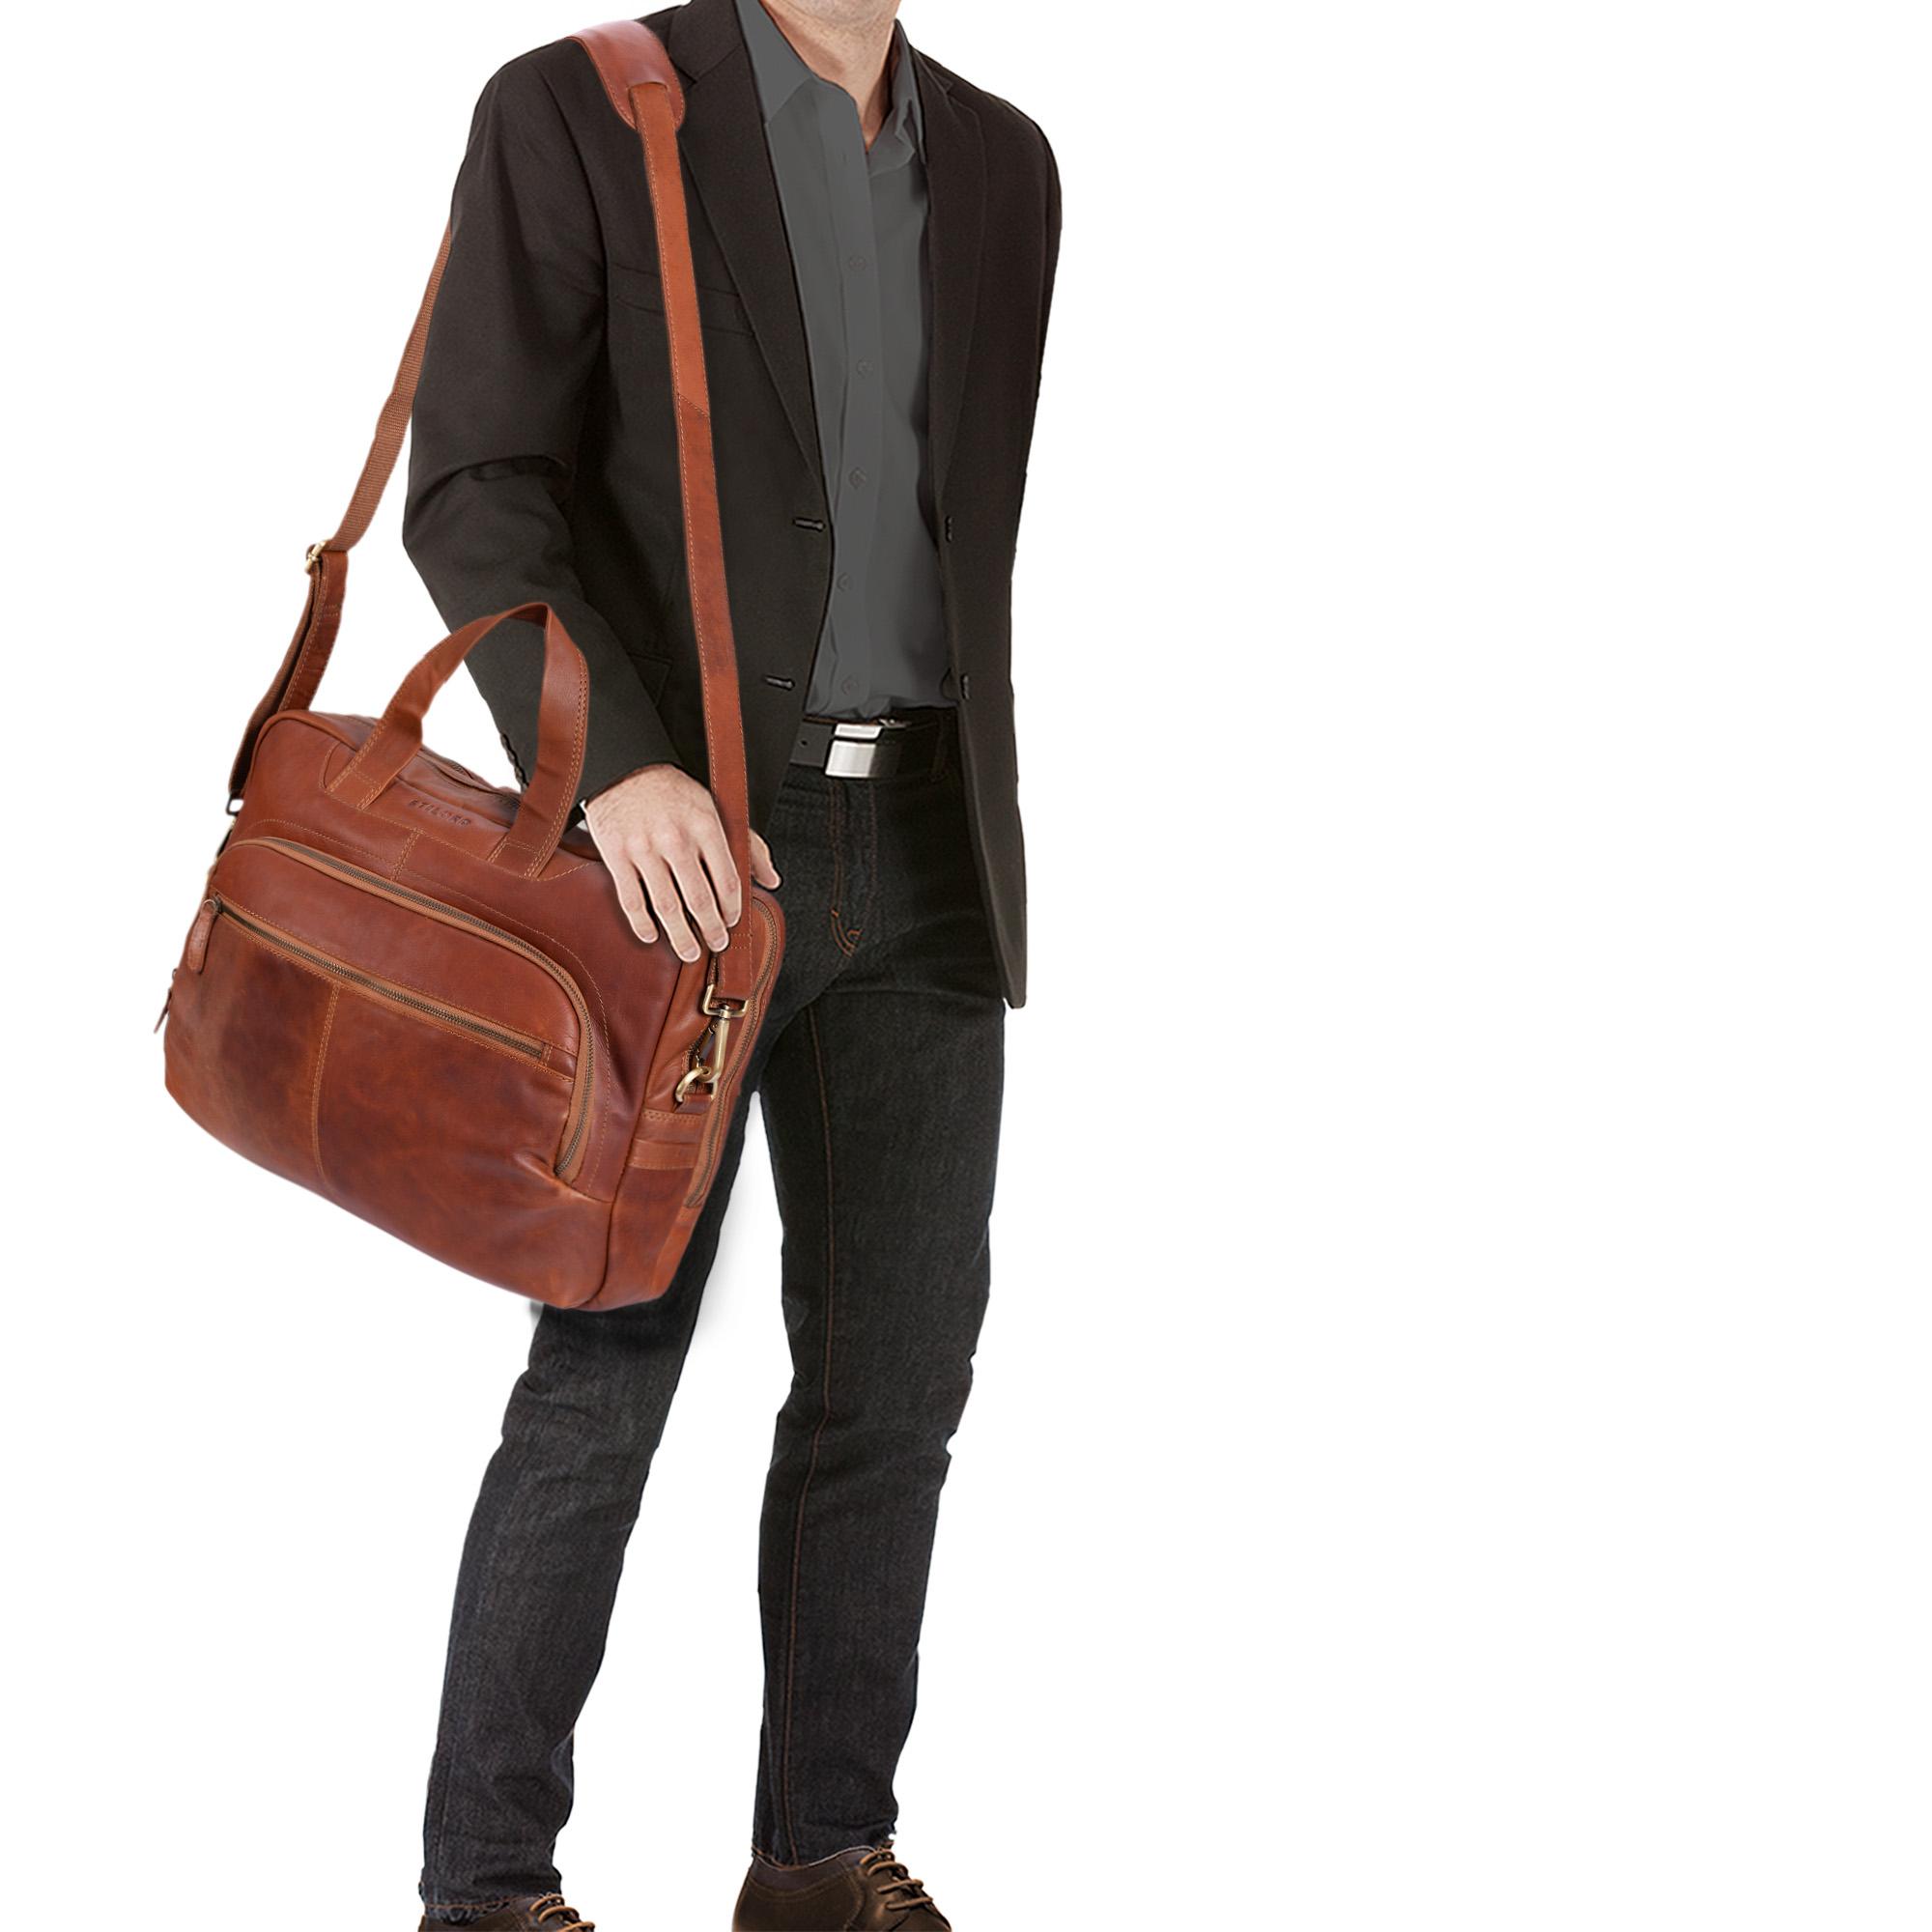 """STILORD """"Alan"""" Leder Umhängetasche groß Herren Damen Vintage 15,6 Zoll Laptoptasche XL Arbeitstasche Lehrertasche Arbeit Büro Uni echtes Leder  - Bild 2"""